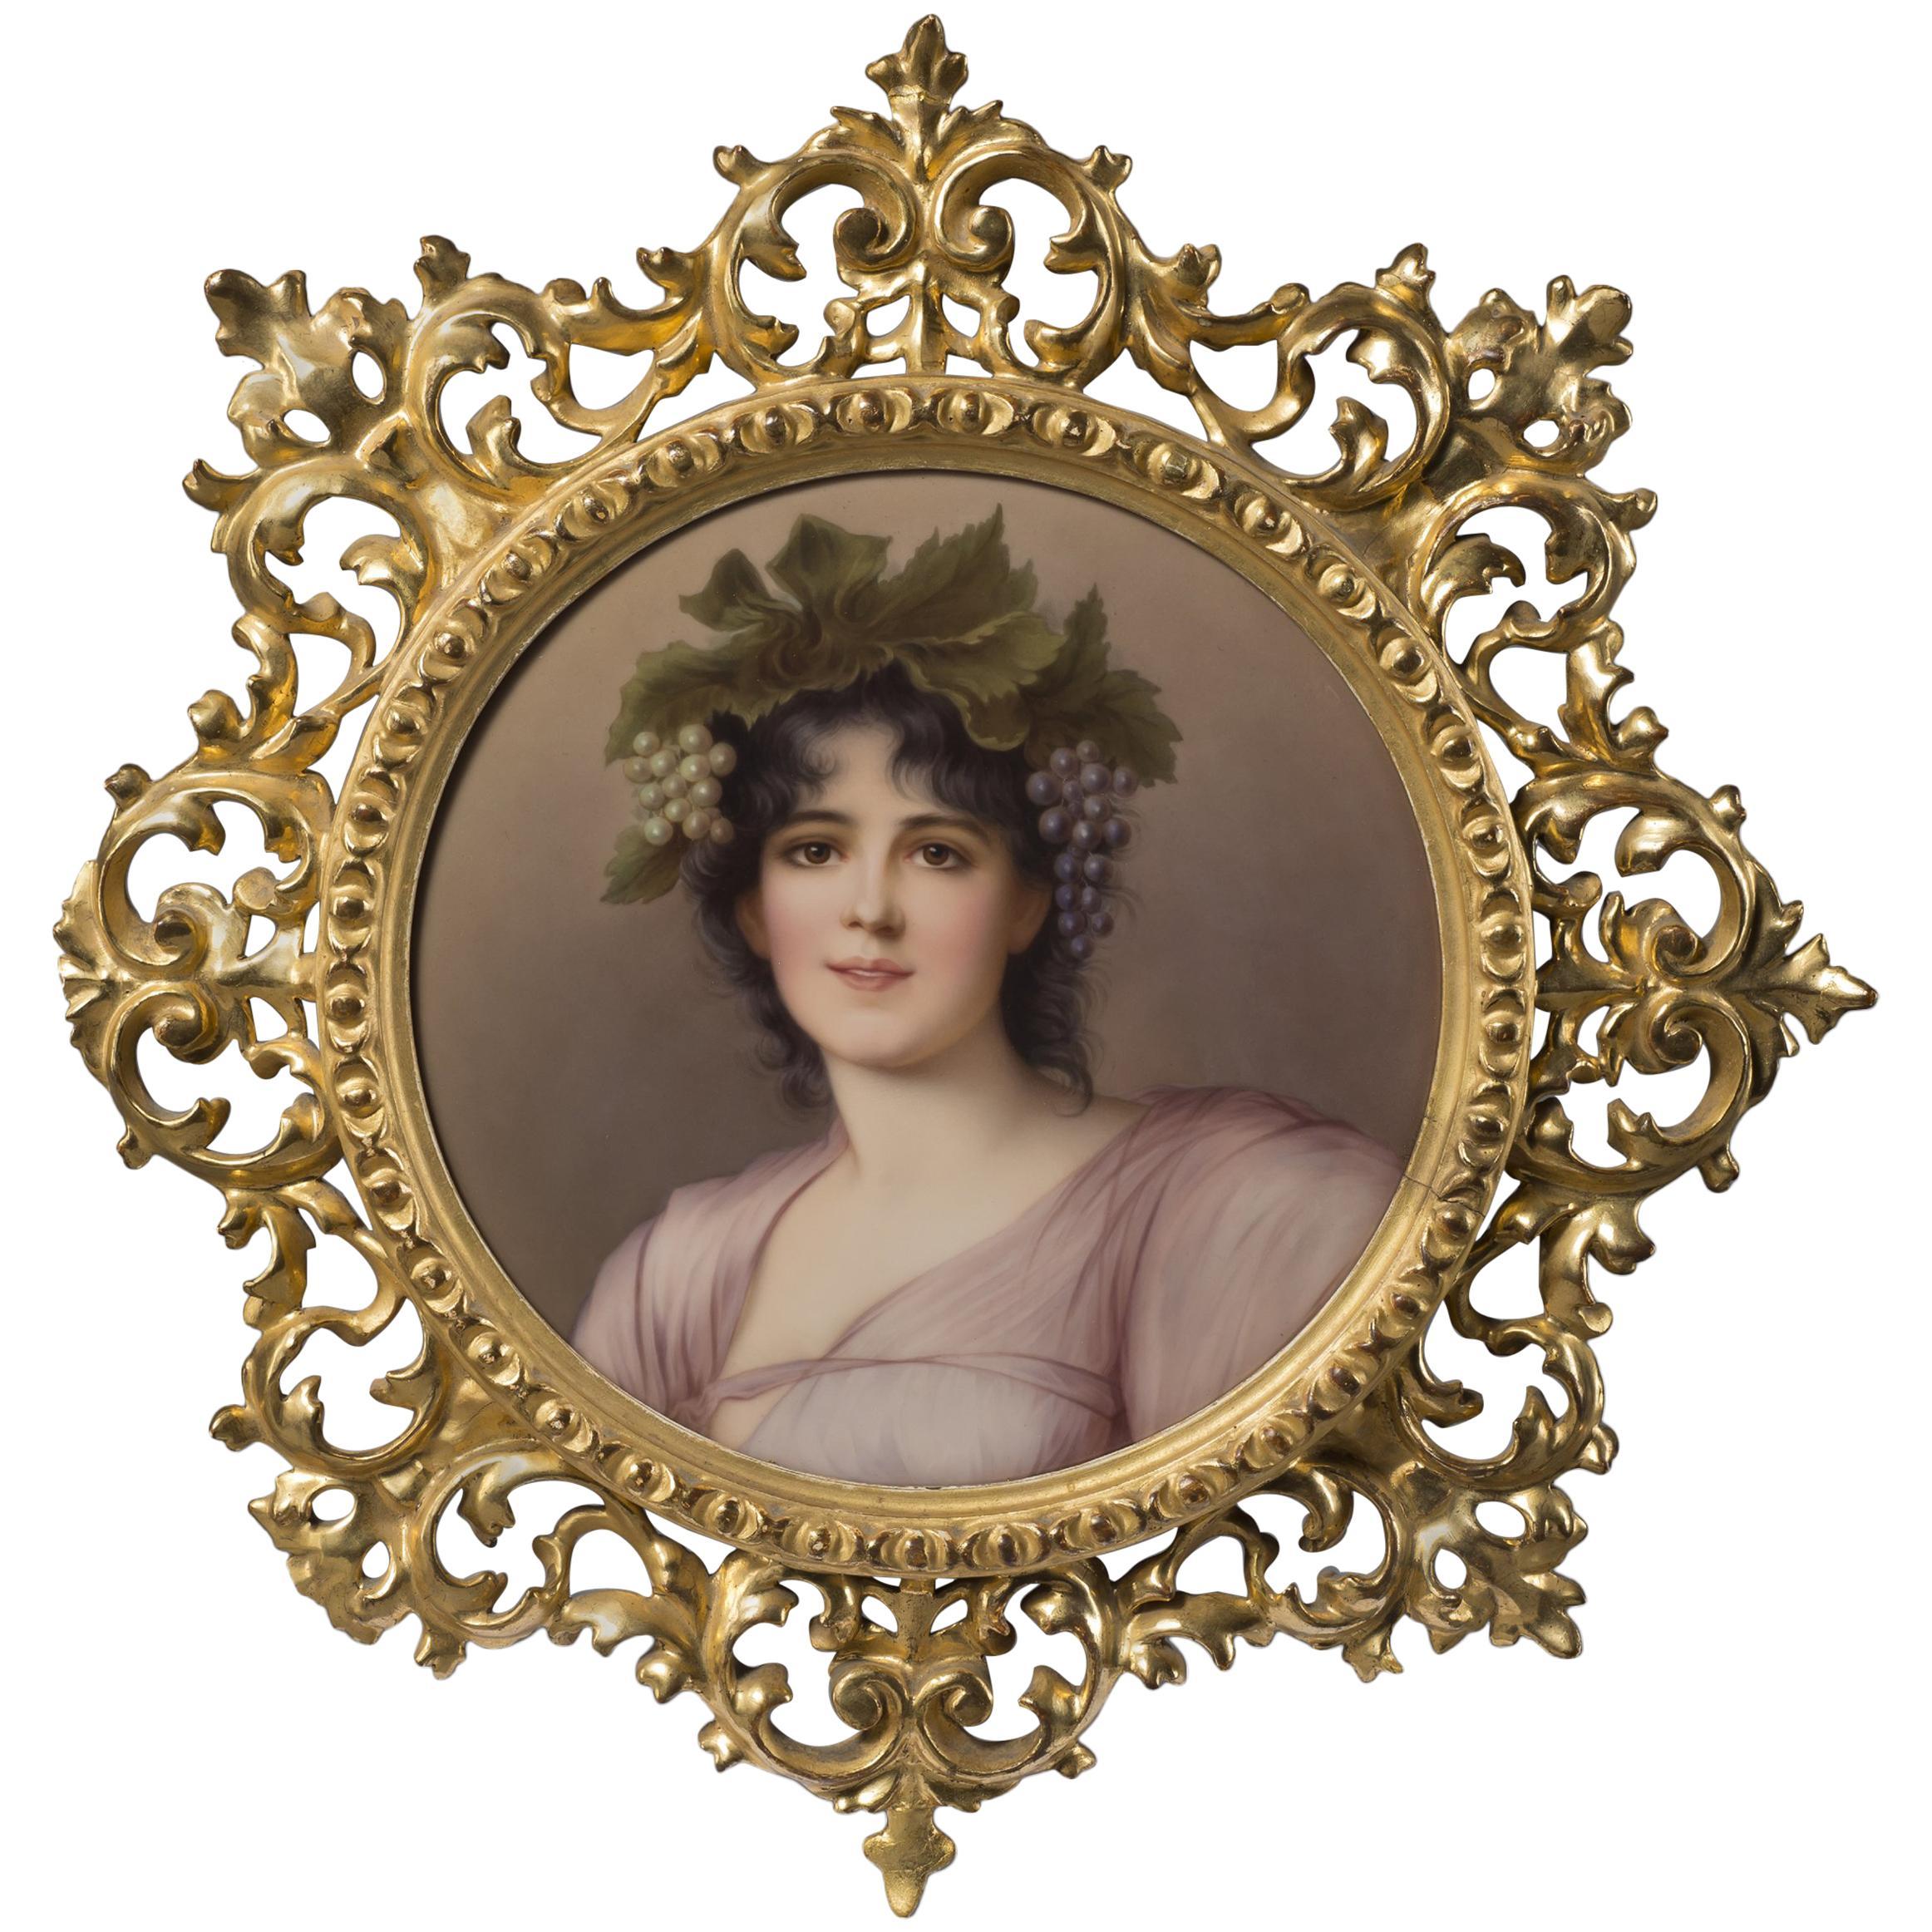 KPM Style Porcelain Plaque Depicting a Maiden as a Young Bacchante, circa 1910